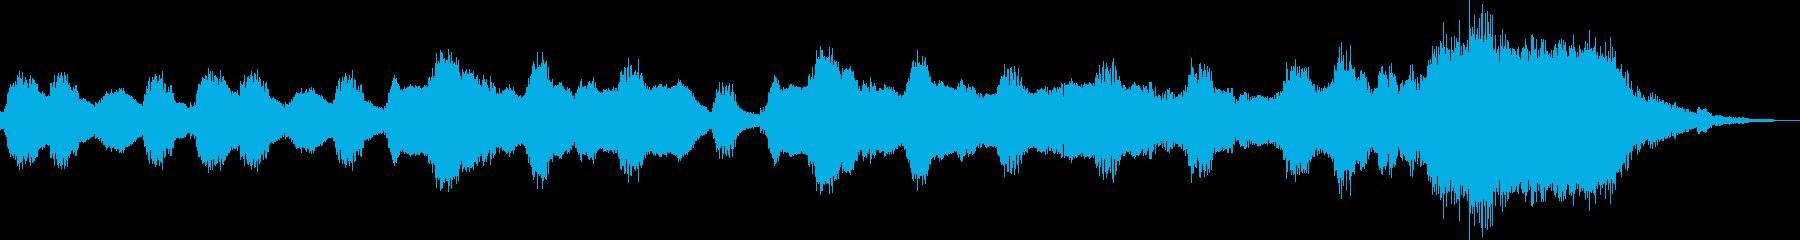 フルートが奏でるほのぼのジングル・前半の再生済みの波形